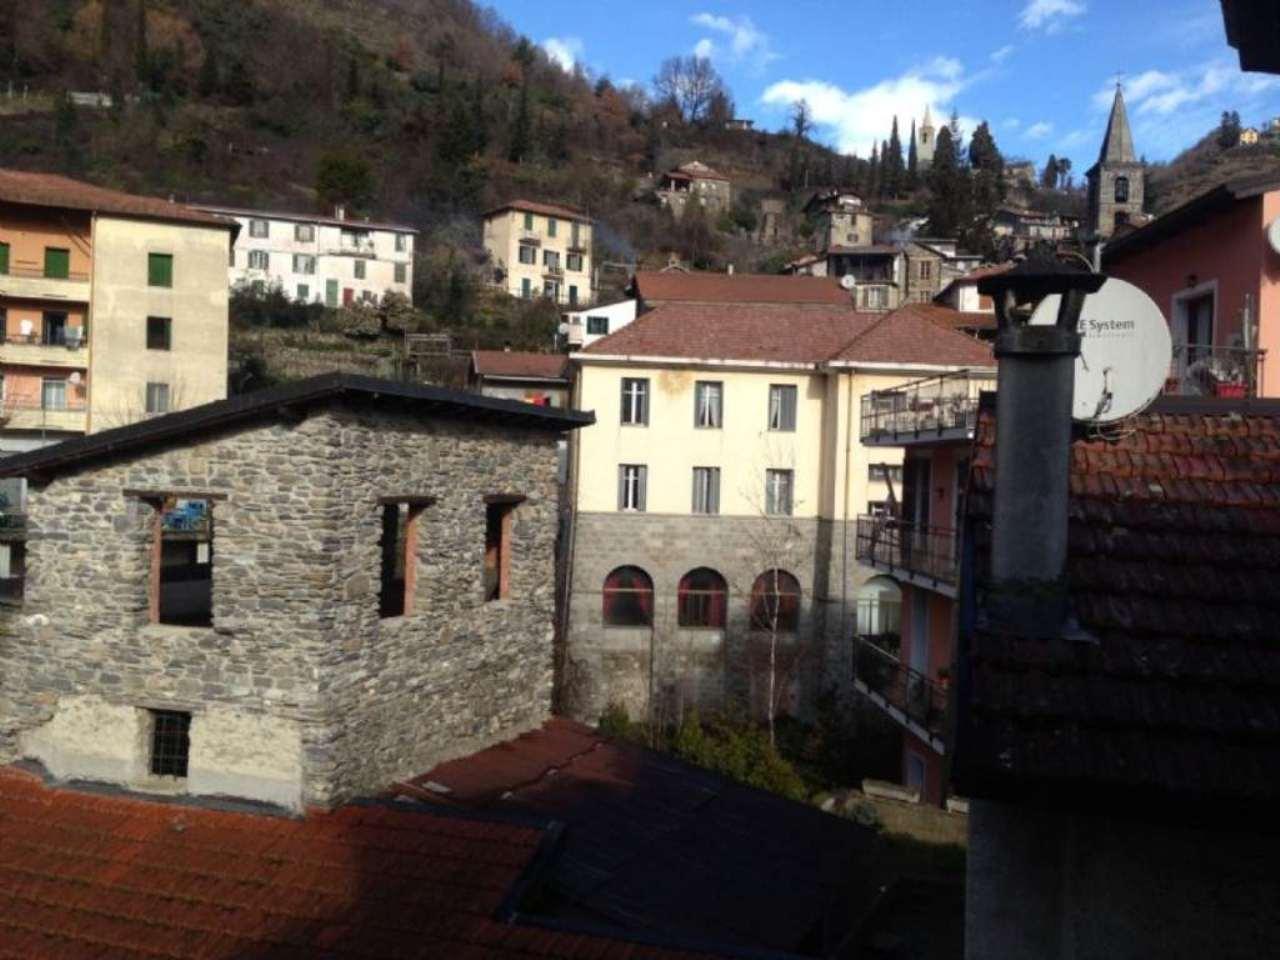 Appartamento in vendita a Molini di Triora, 3 locali, prezzo € 55.000 | Cambio Casa.it